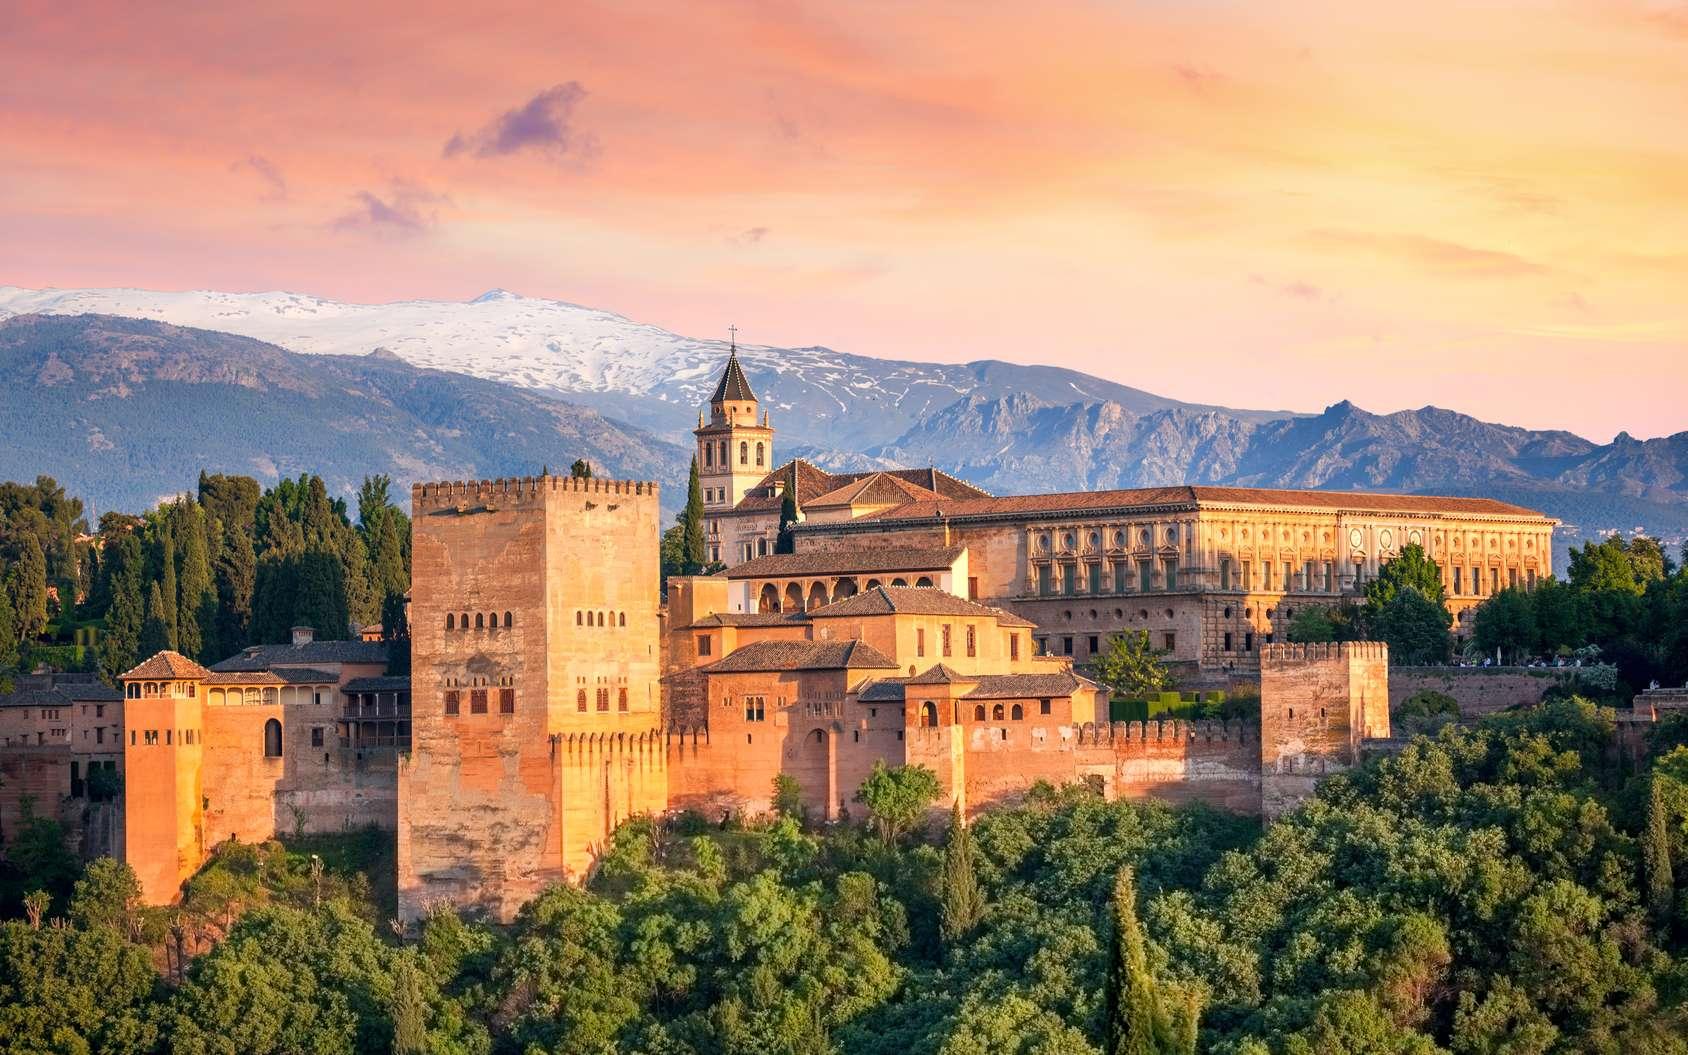 Située dans le sud de la péninsule ibérique, à Grenade, l'Alhambra fut la résidence palatiale des derniers rois musulmans d'Espagne, issus de la dynastie des Nasrides, du XIIIe au XVe siècle. © Taiga, Fotolia